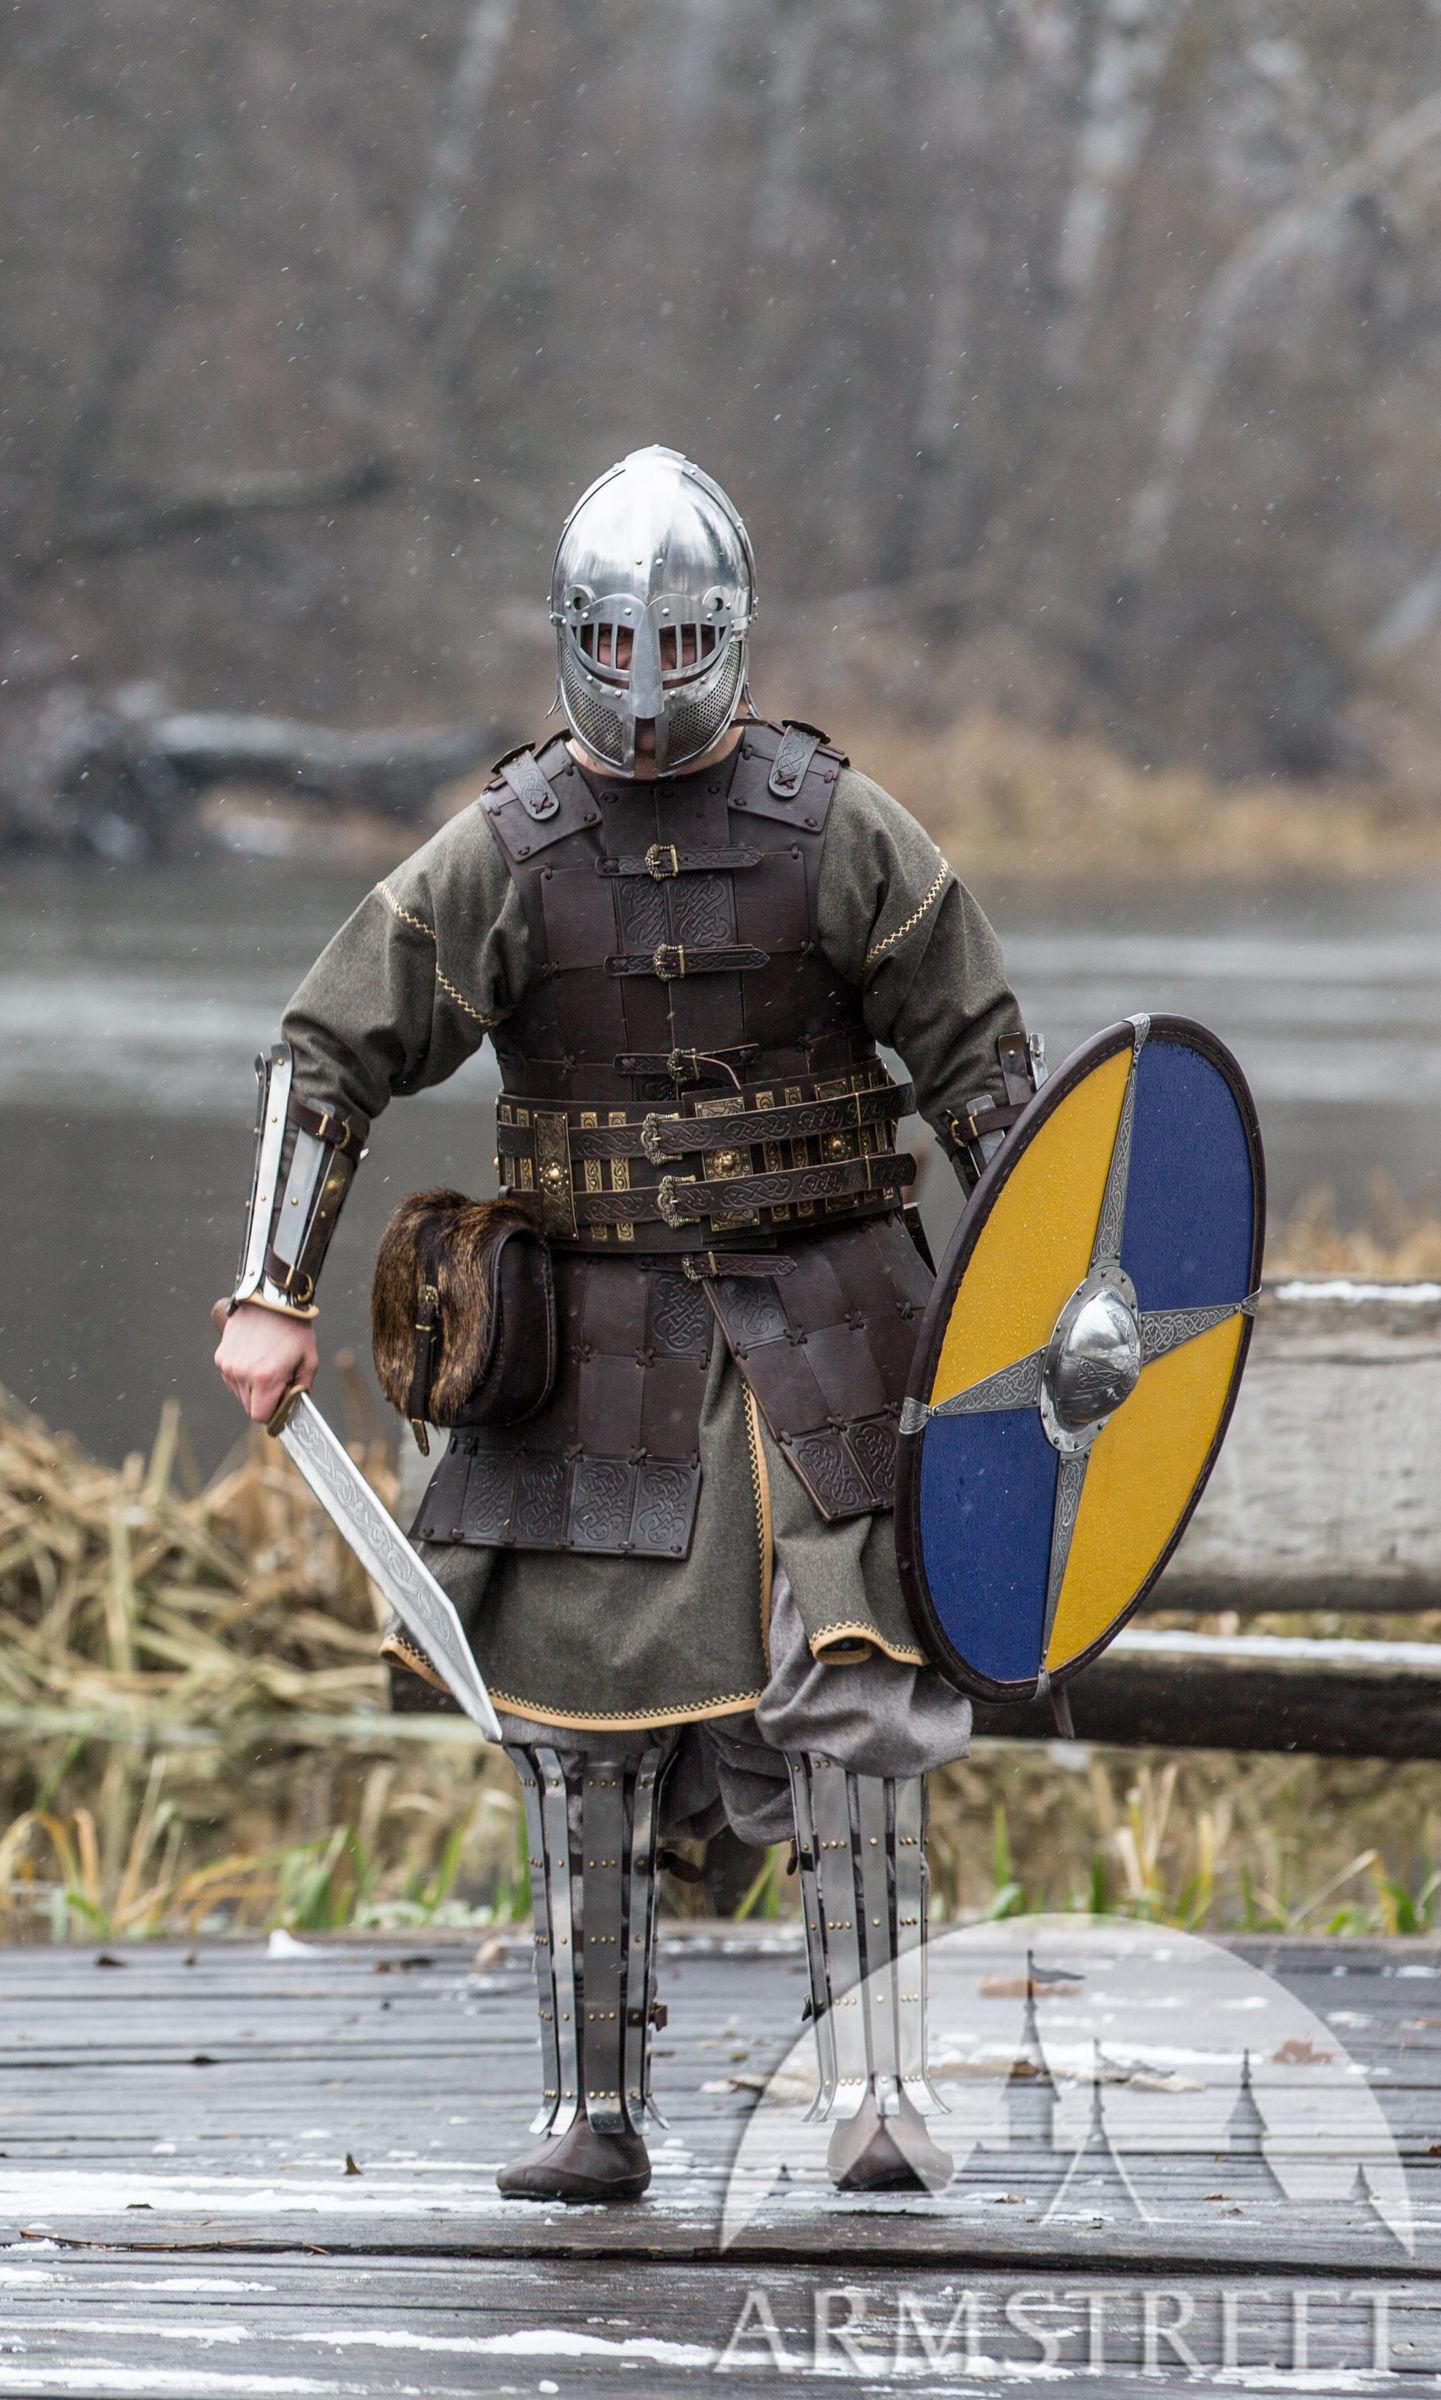 Fantasy Viking Leather Armor Olegg the Mercenary for